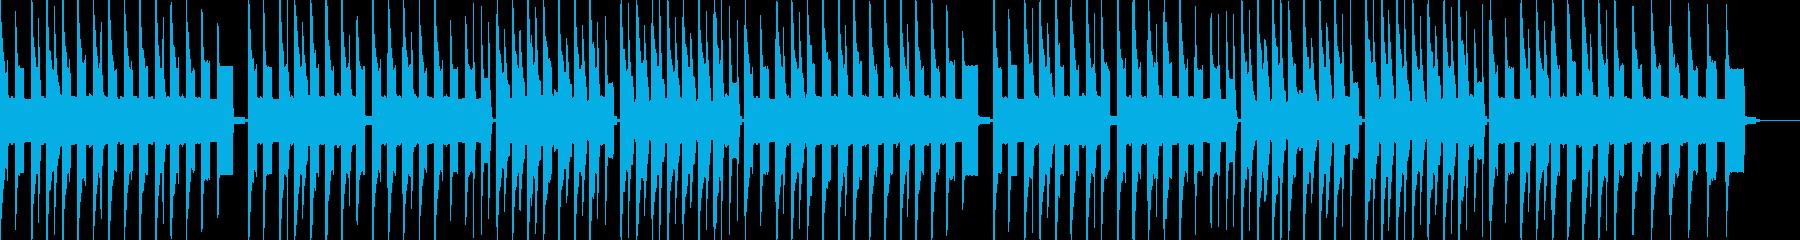 お正月をファミコン音源可!楽しいゲームにの再生済みの波形